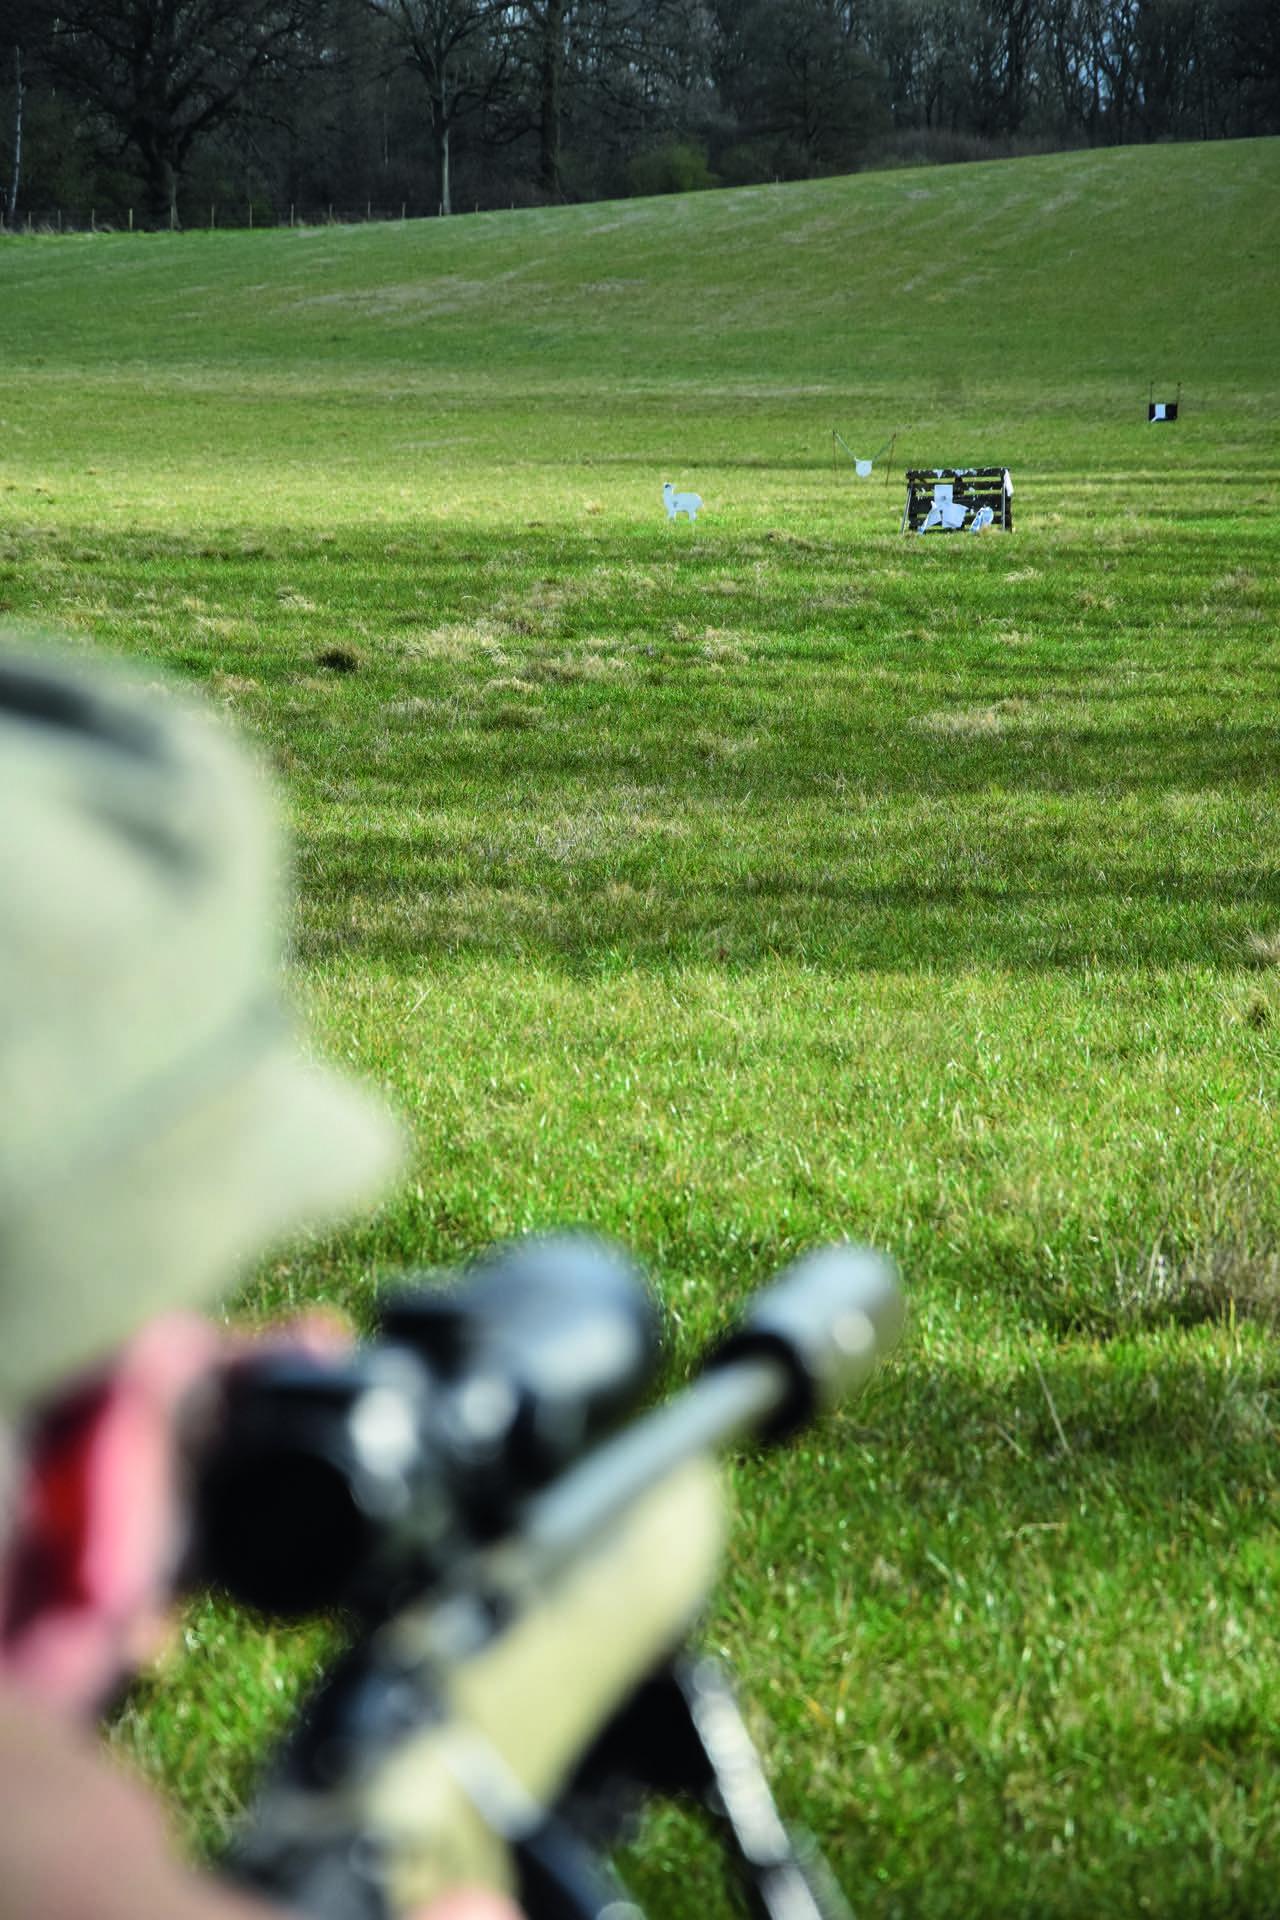 Einschiessen jaegermagazin jagd Mike Robinson jagen Damwild Wildbret